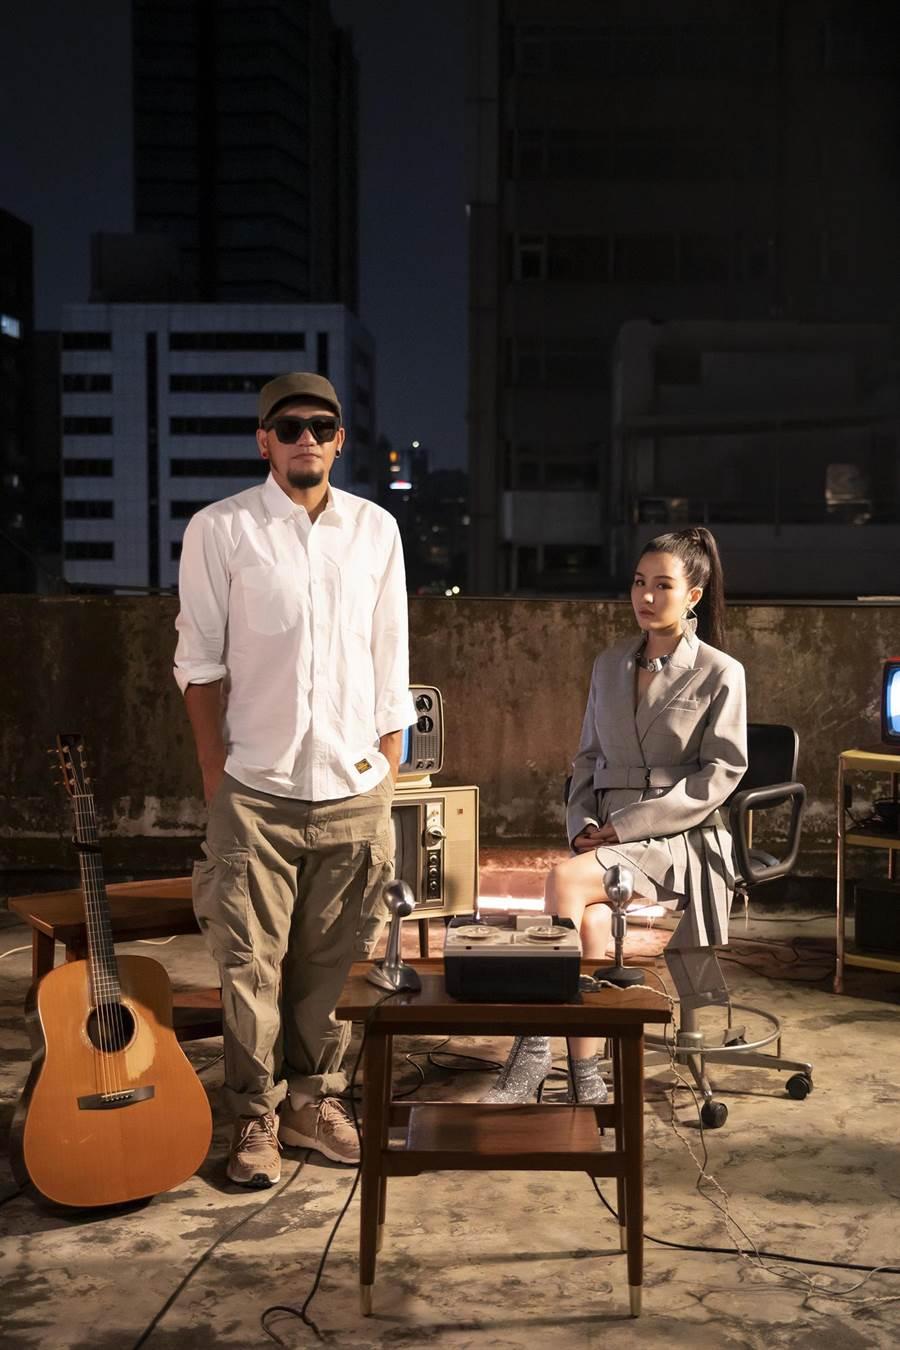 張震嶽(左)與江靜合唱新曲並拍攝MV。(本色音樂提供)